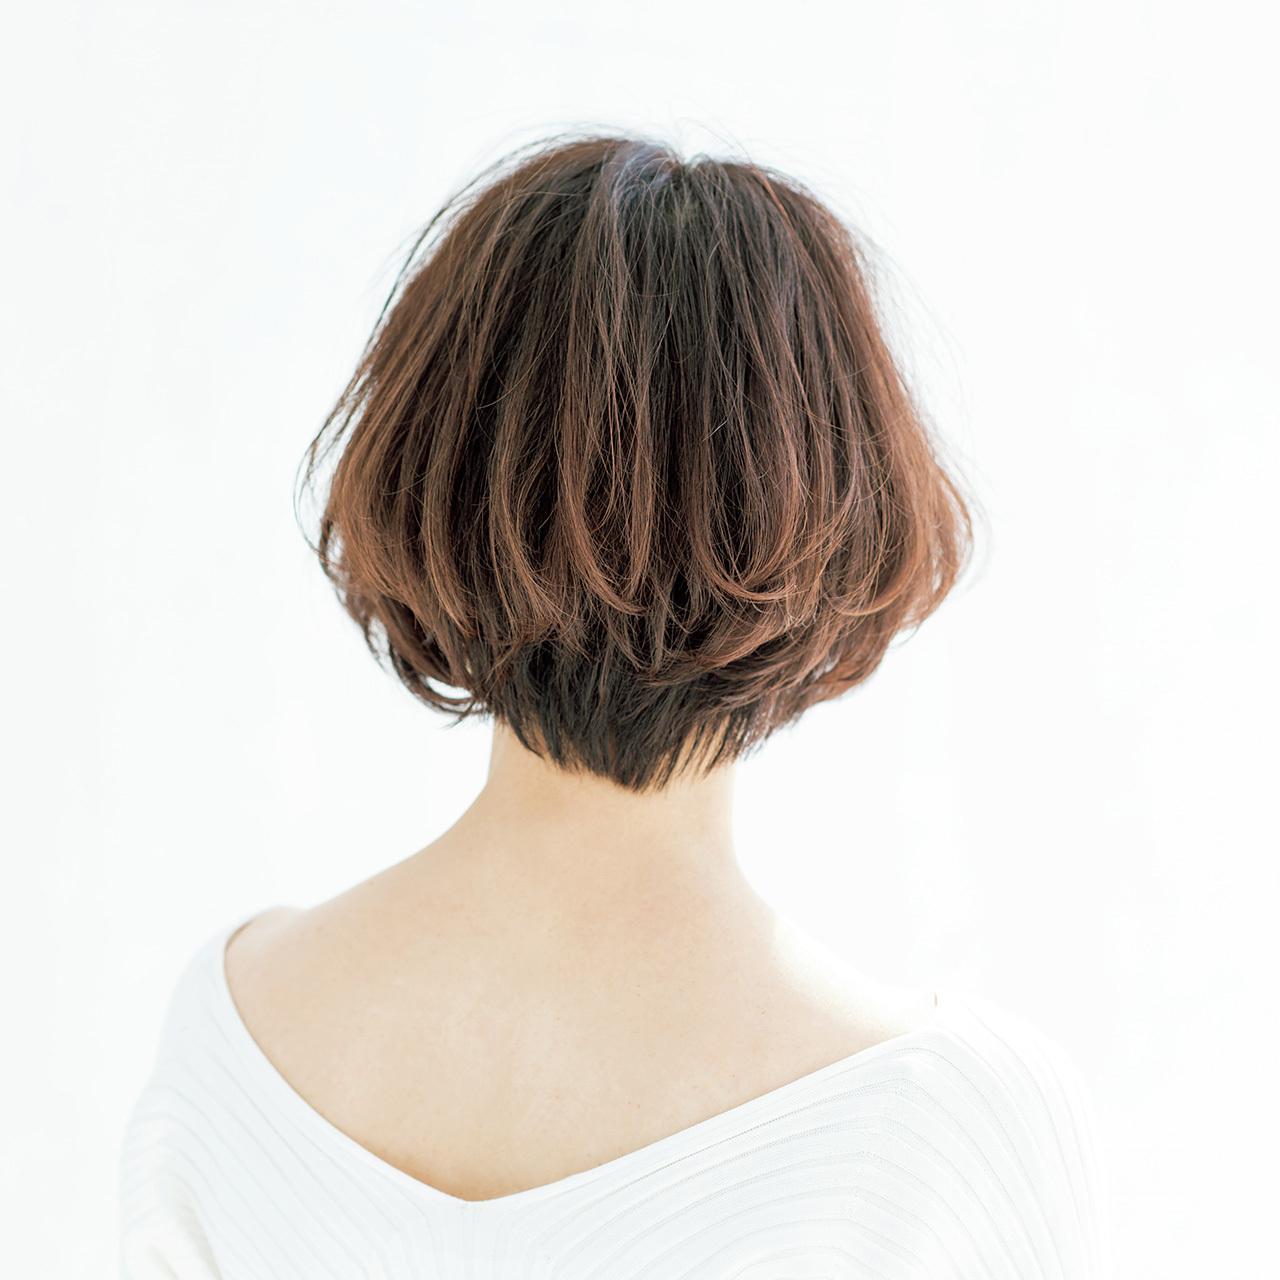 おしゃれに見える大人のヘアスタイル photo gallery_1_1-19